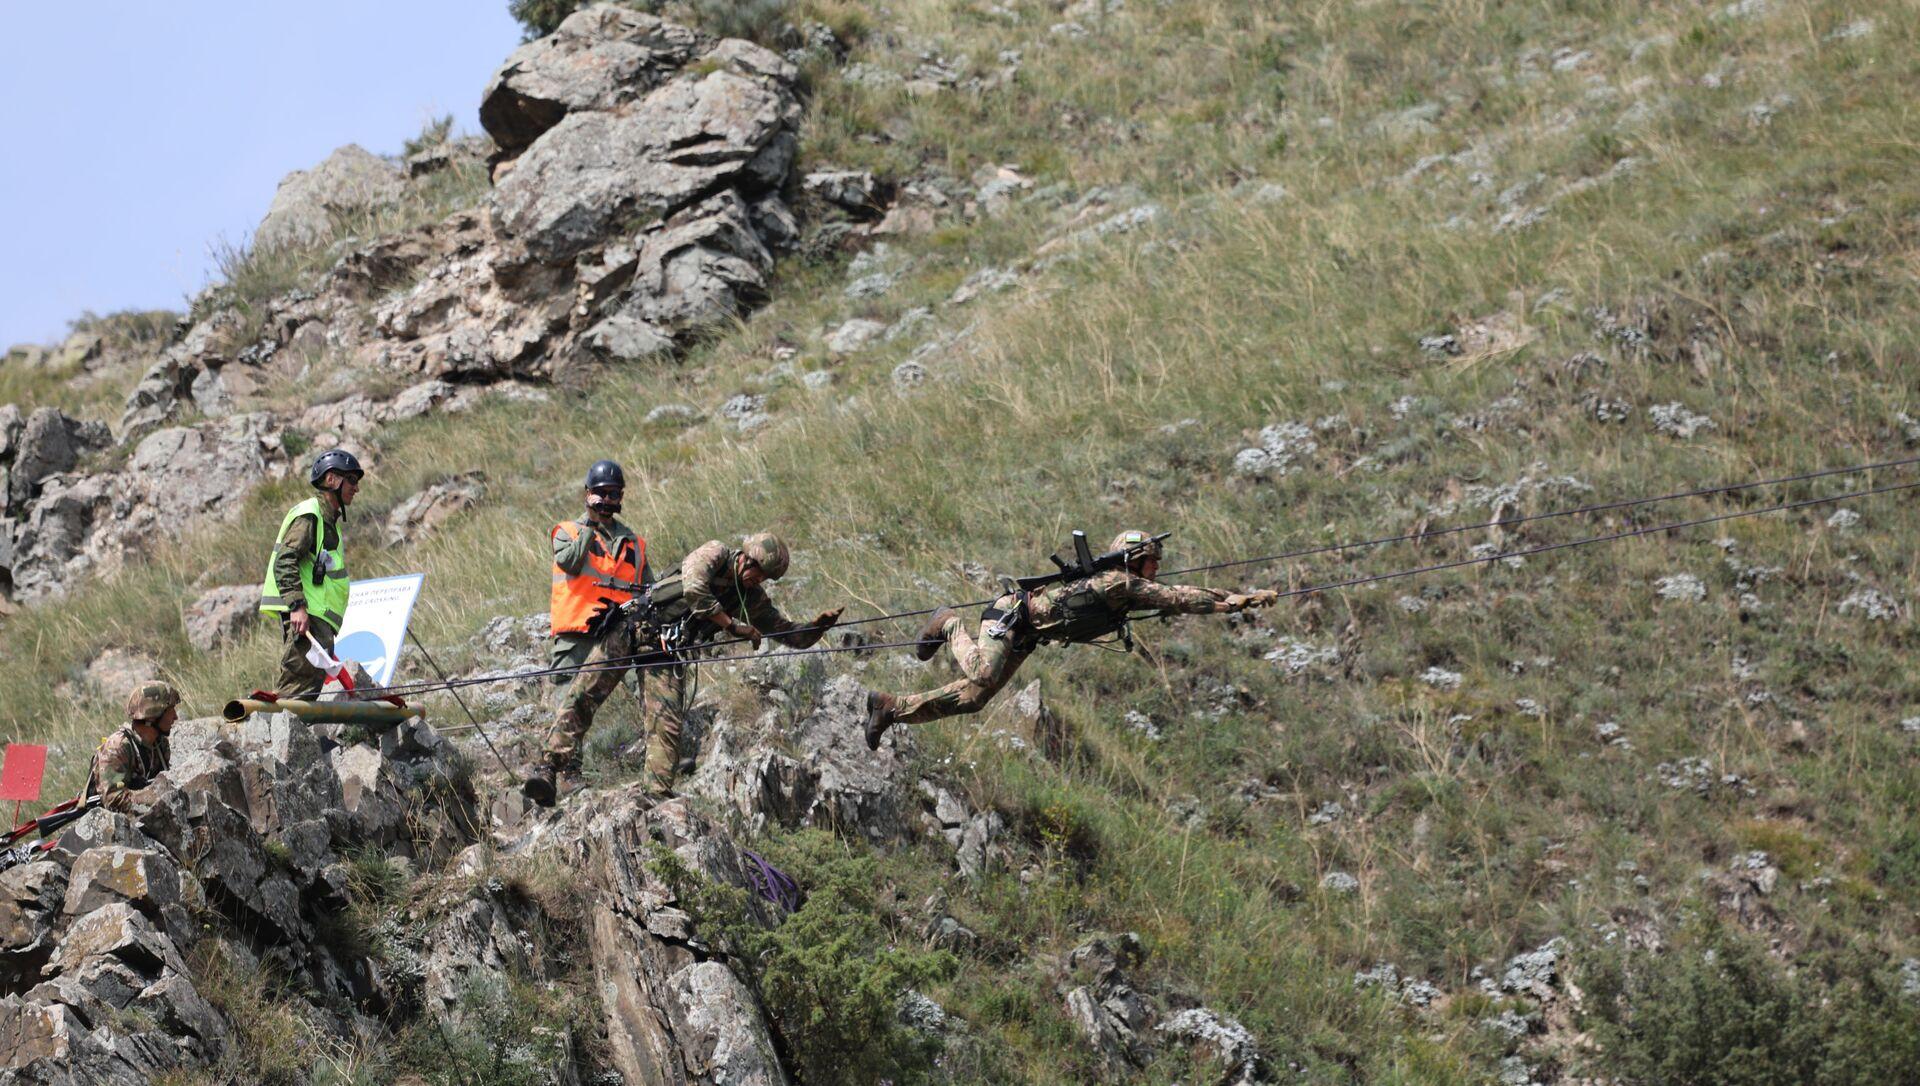 Участники «Эльбрусского кольца» преодолели горную полосу препятствий - Sputnik Абхазия, 1920, 27.08.2021